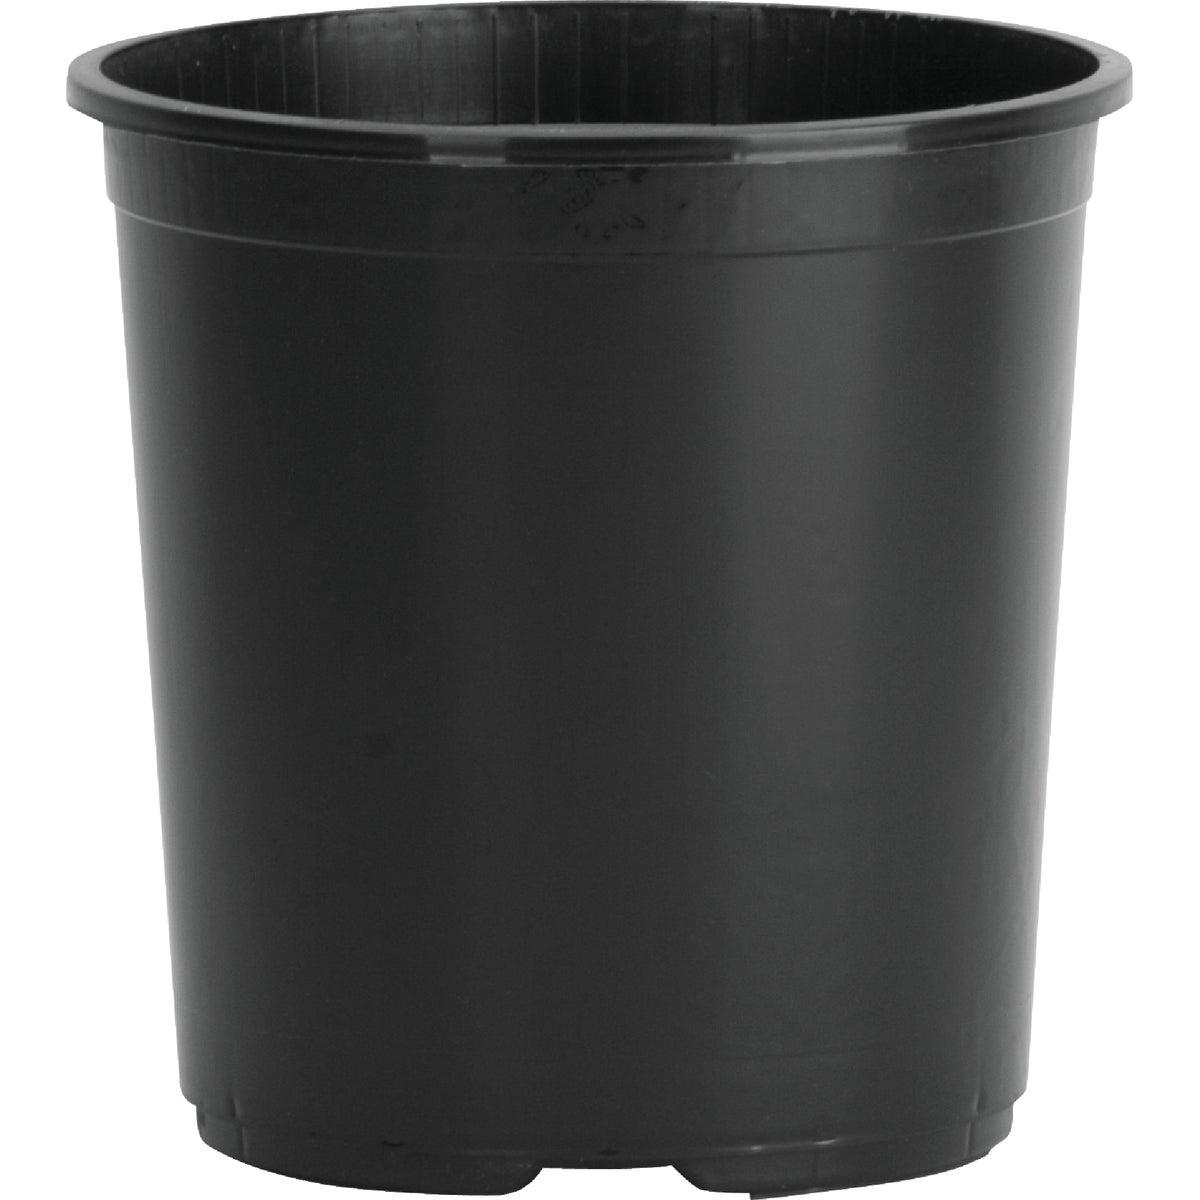 5 GAL BLACK SQUAT POT